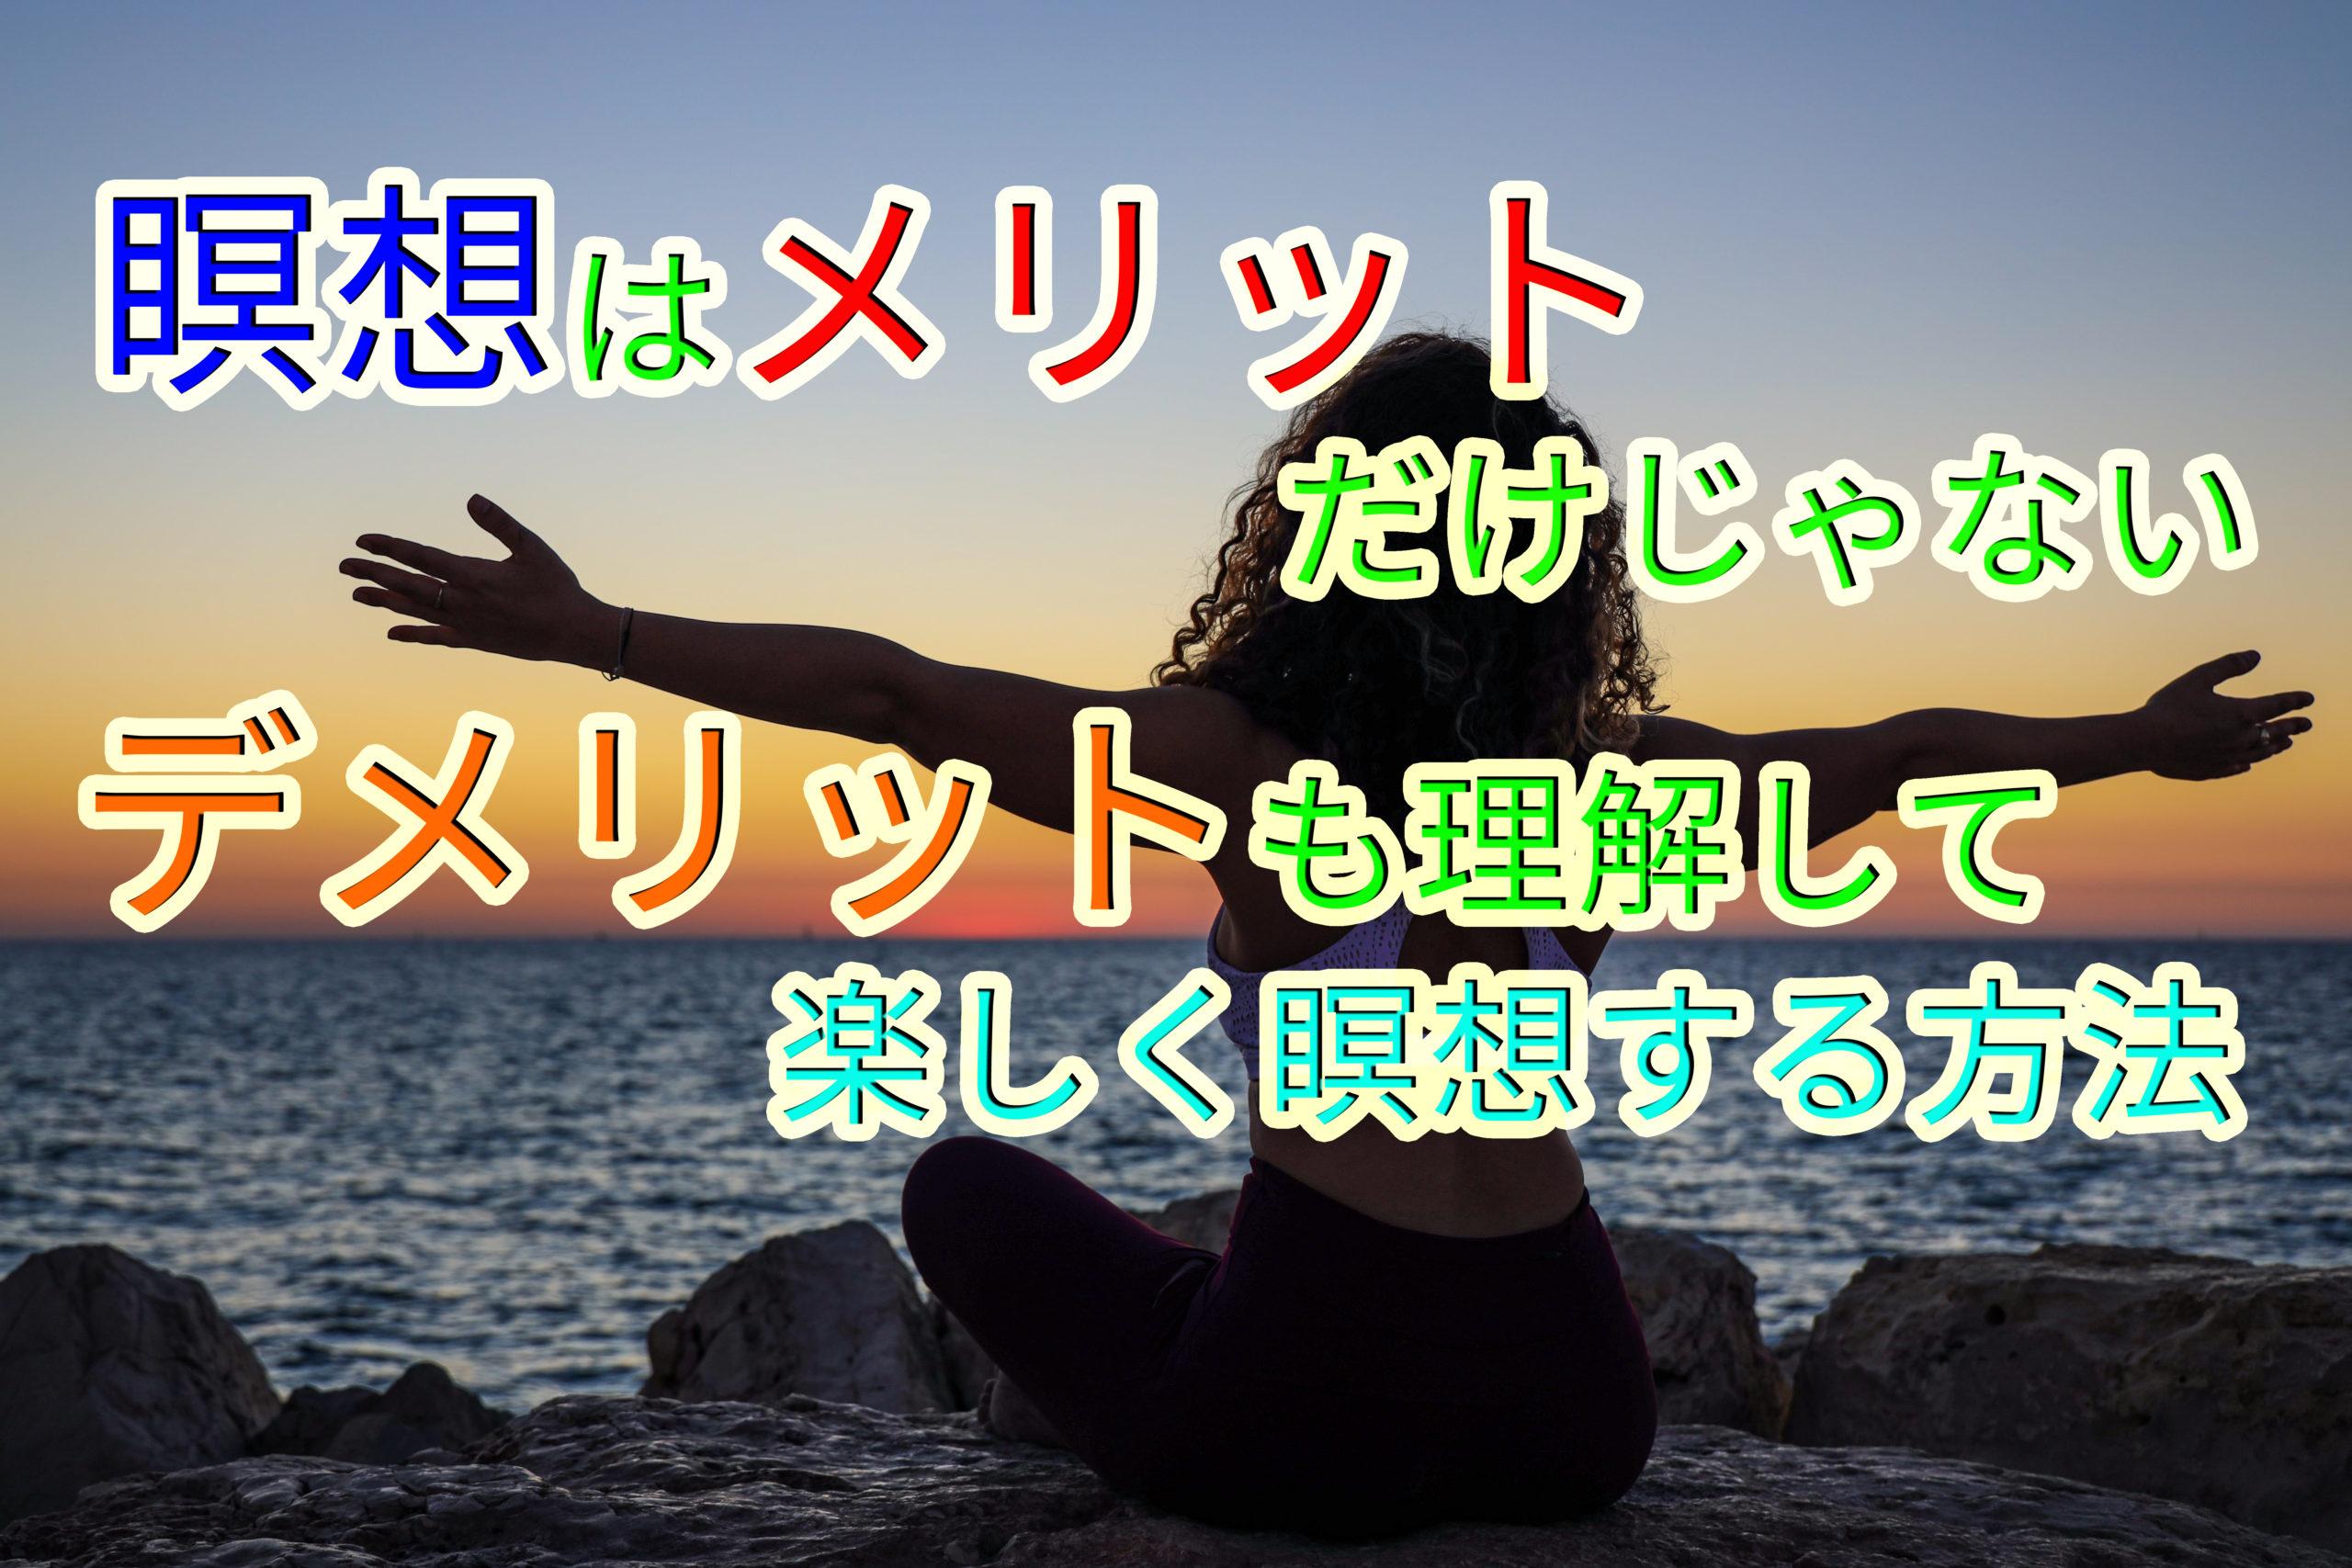 瞑想はメリットだけじゃない【デメリットも理解して楽しく瞑想する方法】